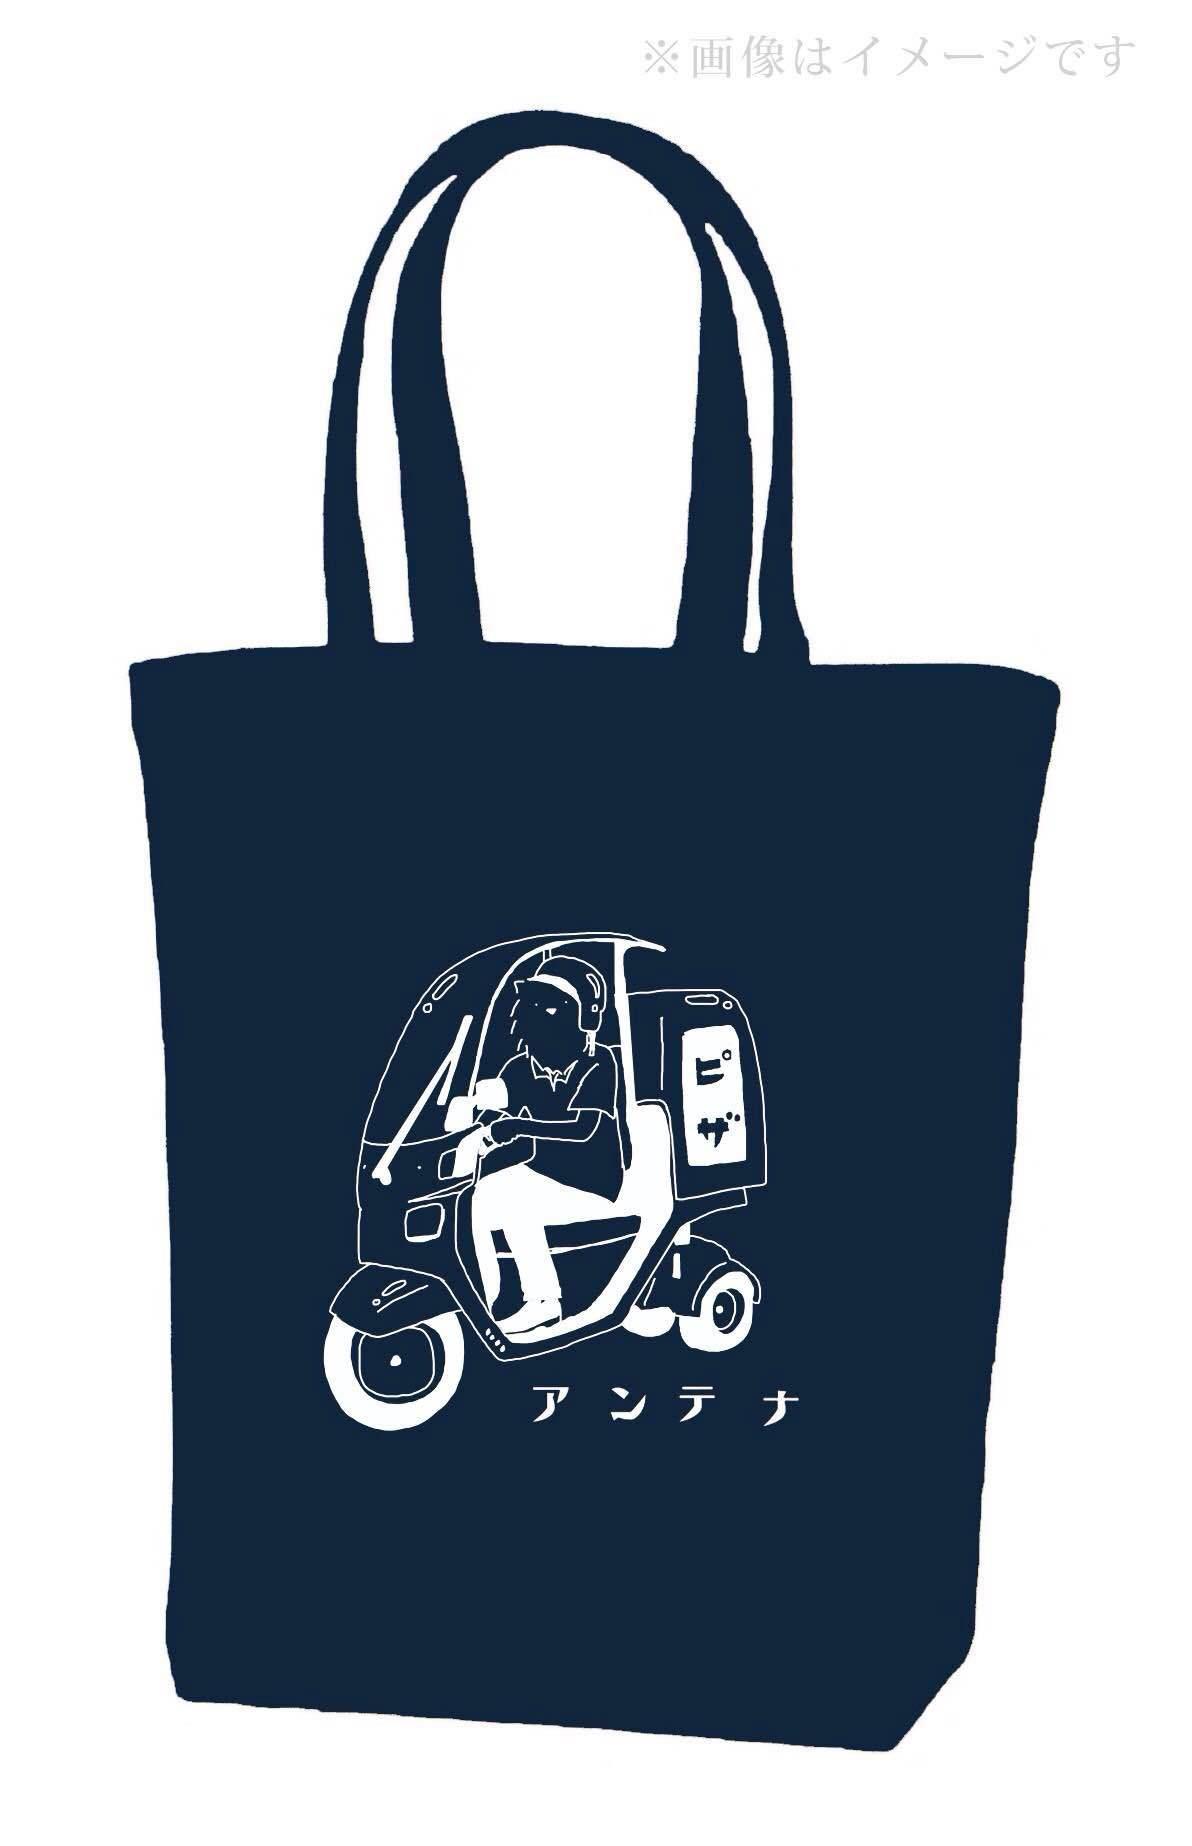 【レアDEMO音源&トートバッグプラン】